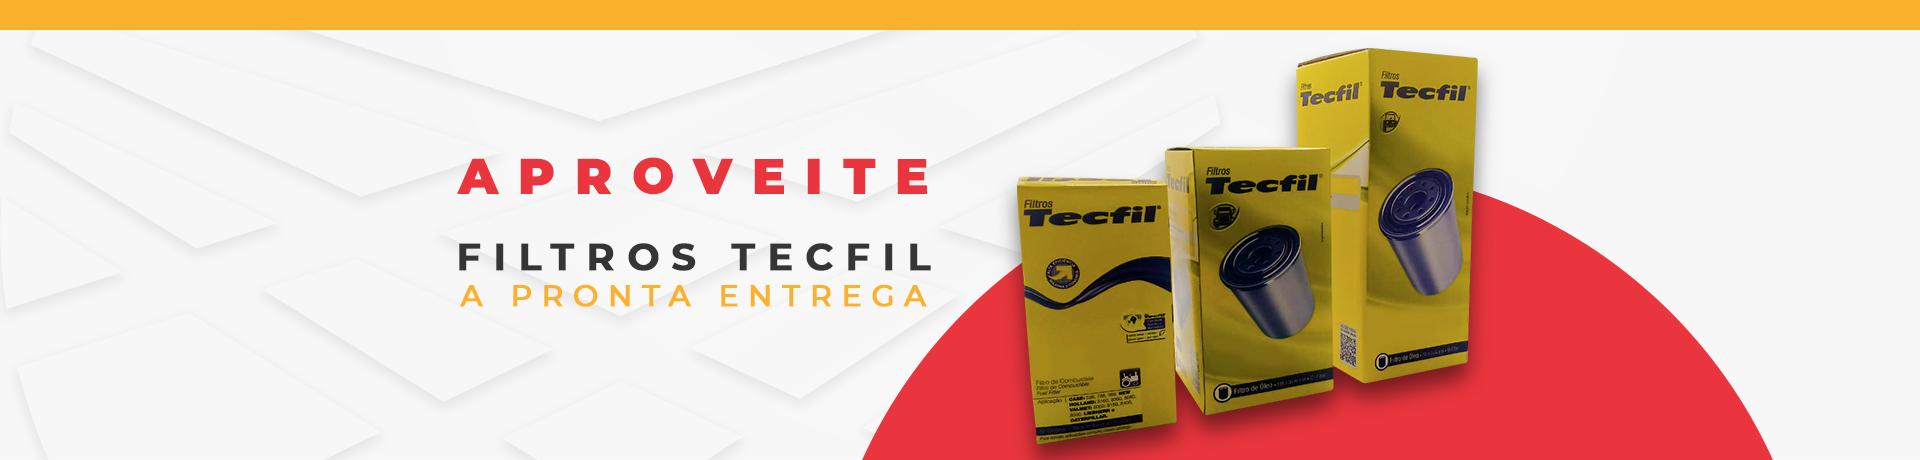 Ricambi - FILTROS TECFIL